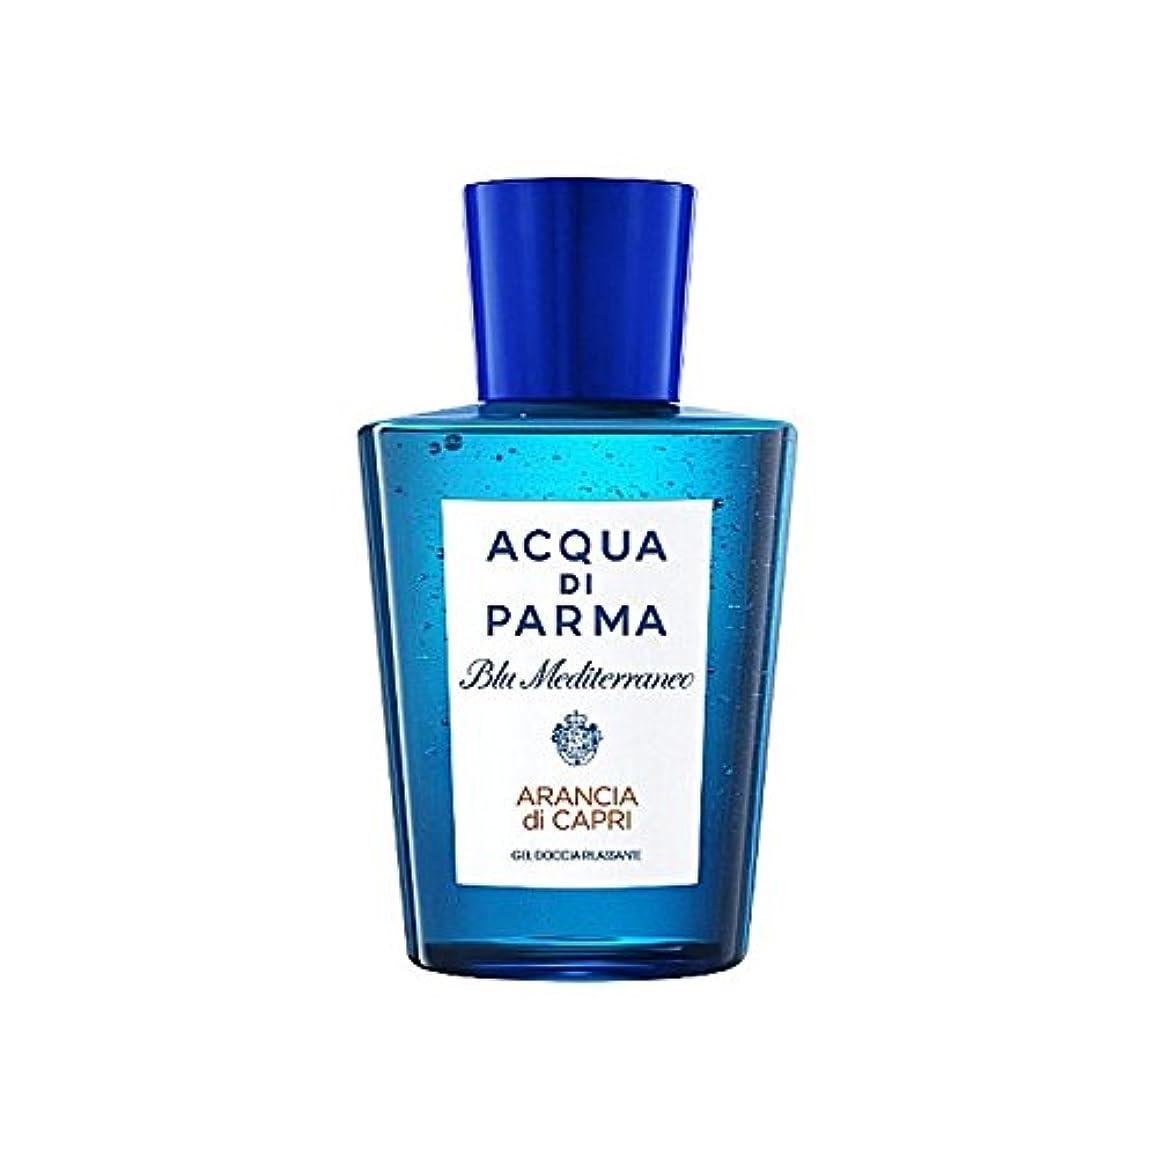 とげ致命的費やすAcqua Di Parma Blu Mediterraneo Arancia Di Capri Shower Gel 200ml (Pack of 6) - アクアディパルマブルーメディのアランシアジカプリシャワージェル200 x6 [並行輸入品]